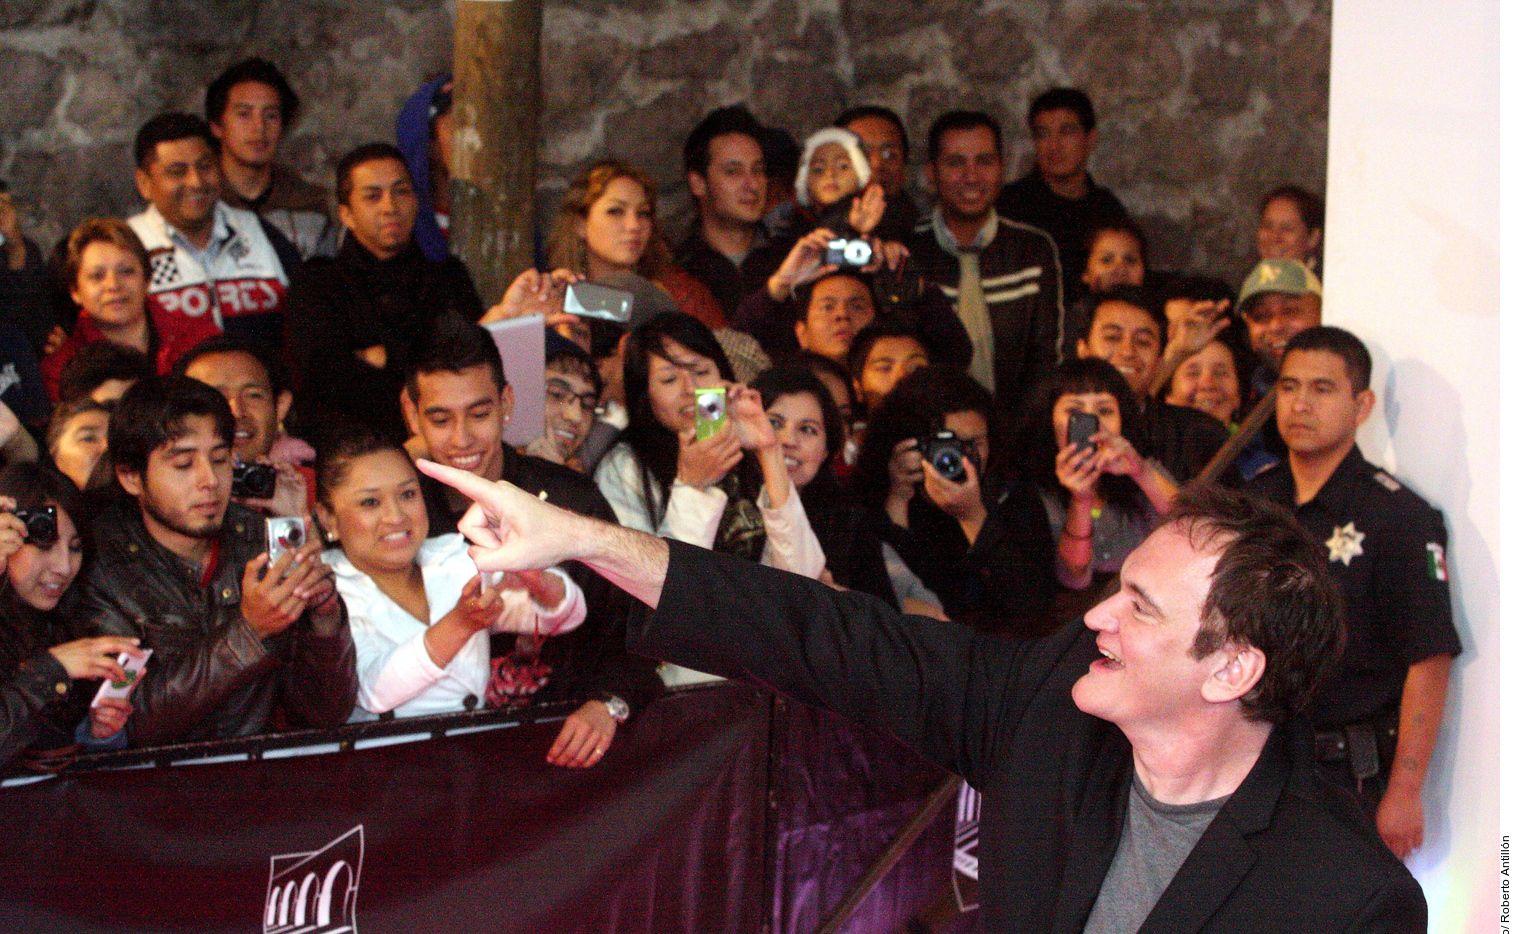 De acuerdo con el estudio Sony, que distribuye la película de Quentin Tarantino (der.), Había Una Vez en... Hollywood, llegará el 23 de agosto a salas nacionales.